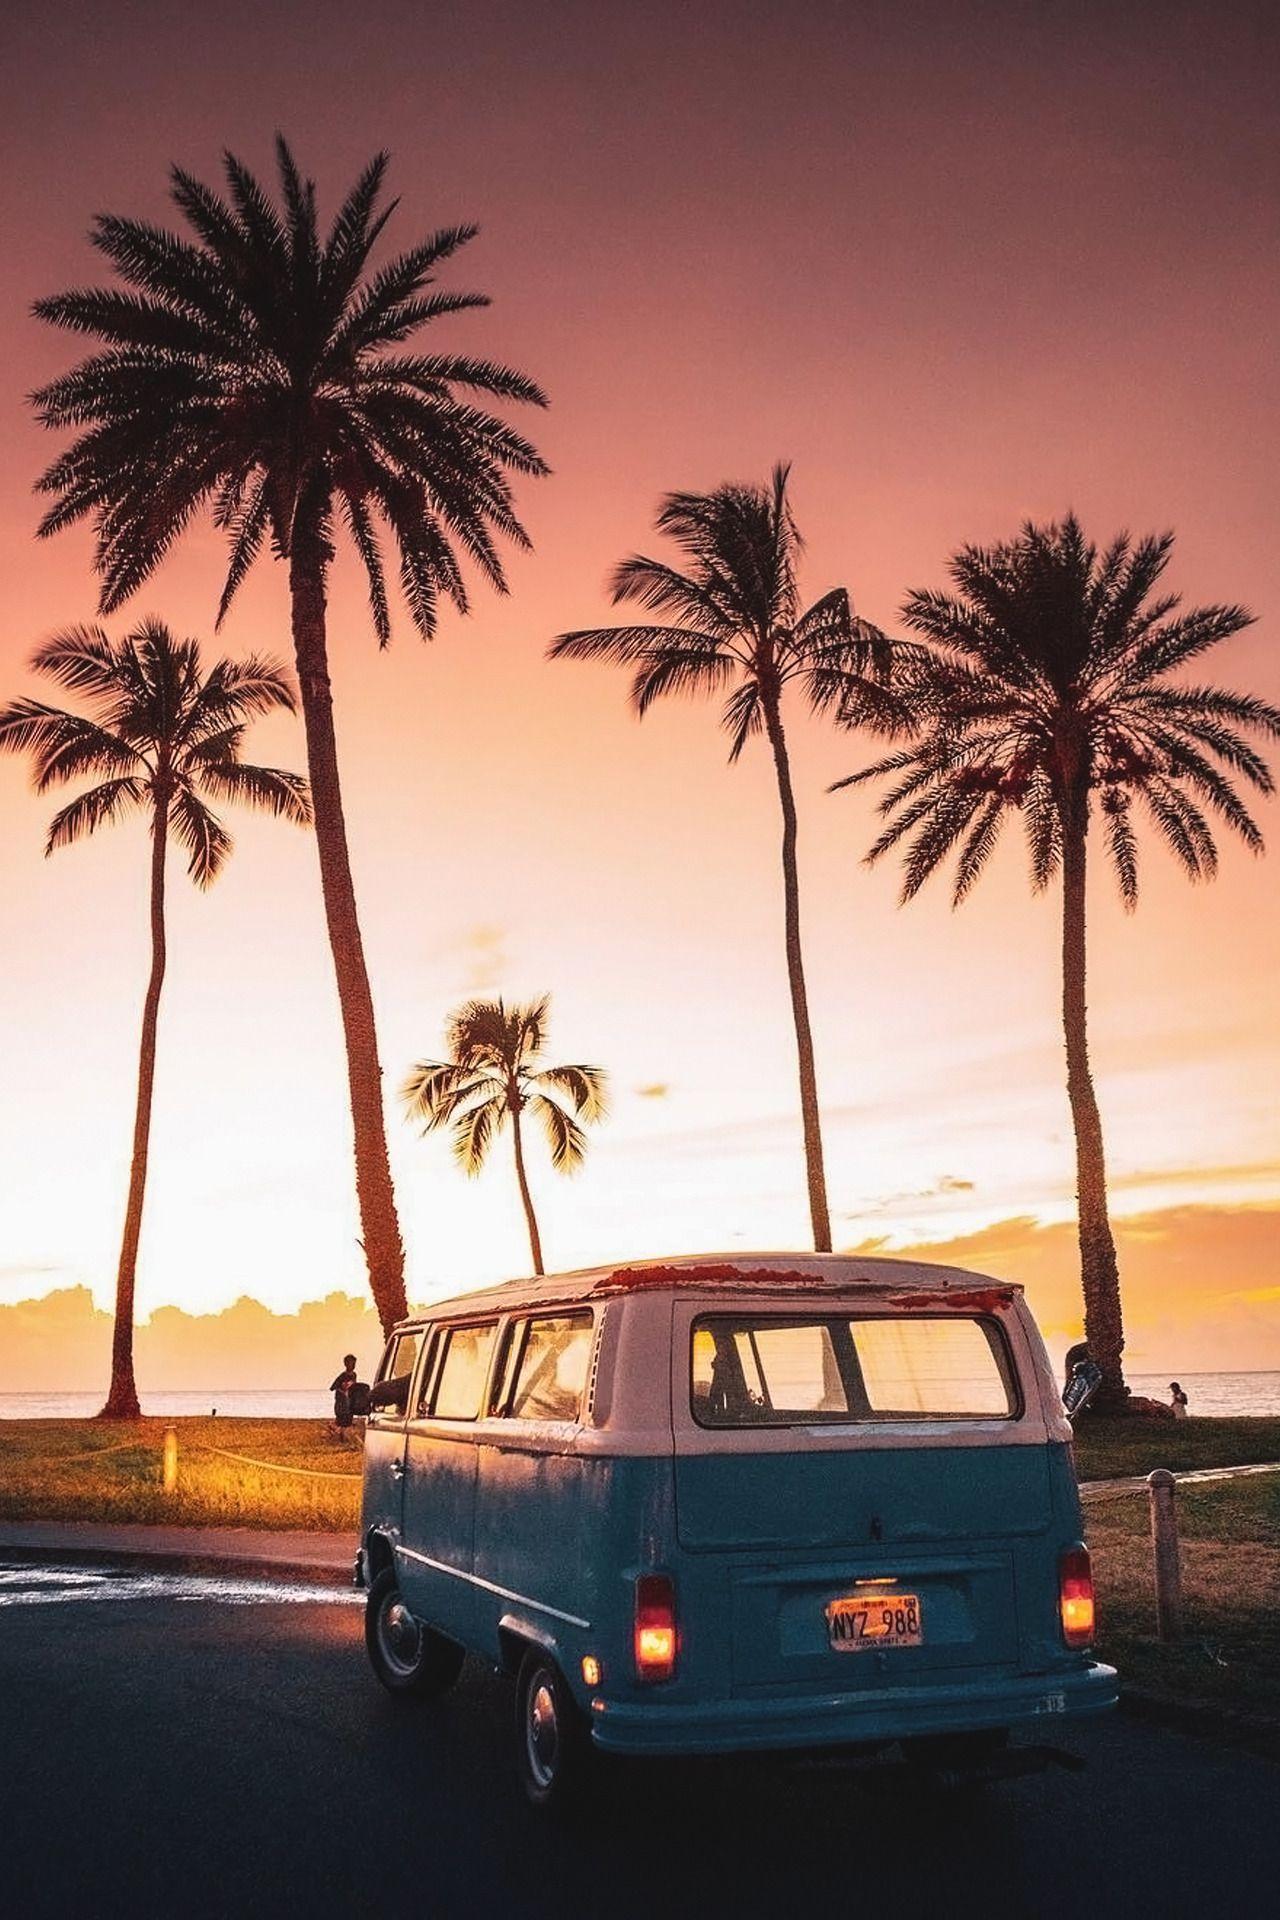 Souhailbog Weekend Vibes By Jasonjko Summer Vibes Beach Summer Wallpaper Surfing